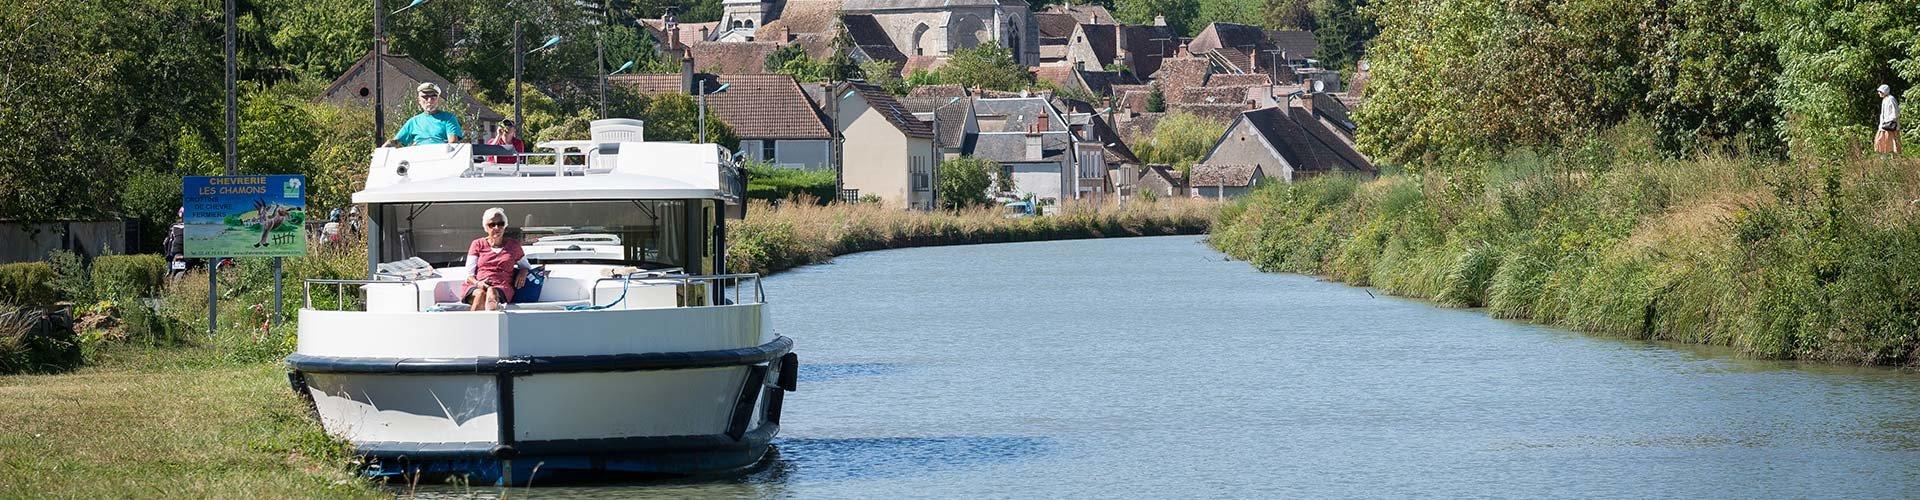 Crucero & alquiler de barco sin necesidad de licencia en Borgoña